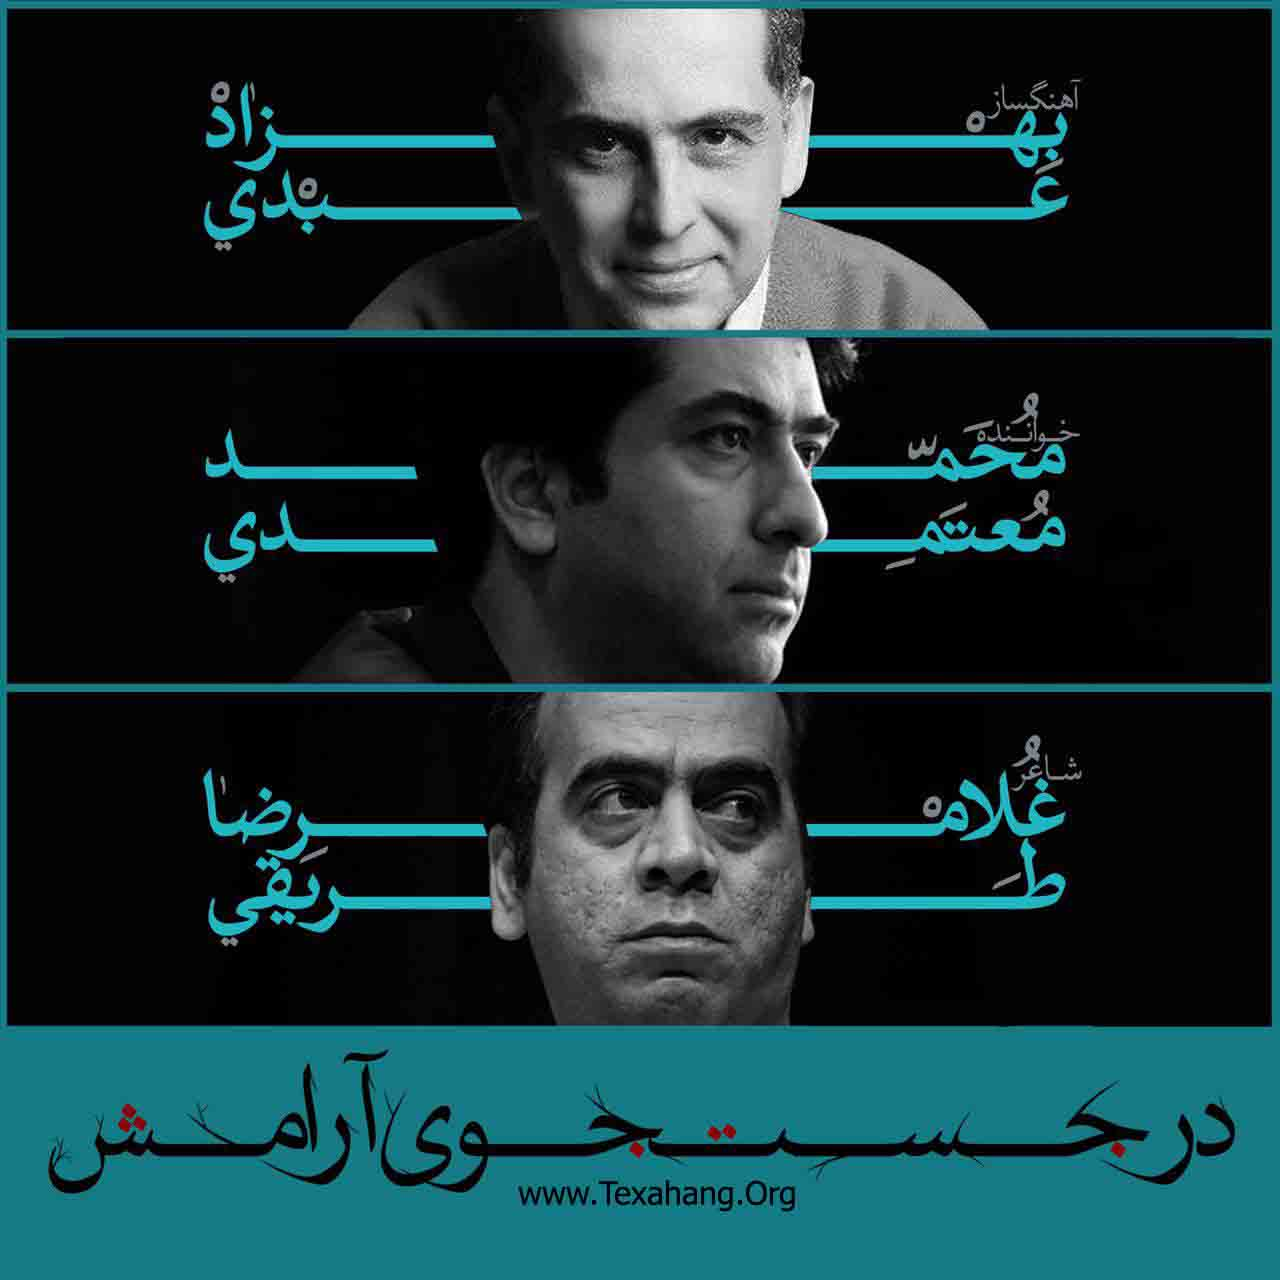 متن آهنگ در جستجوی آرامش از محمد معتمدی